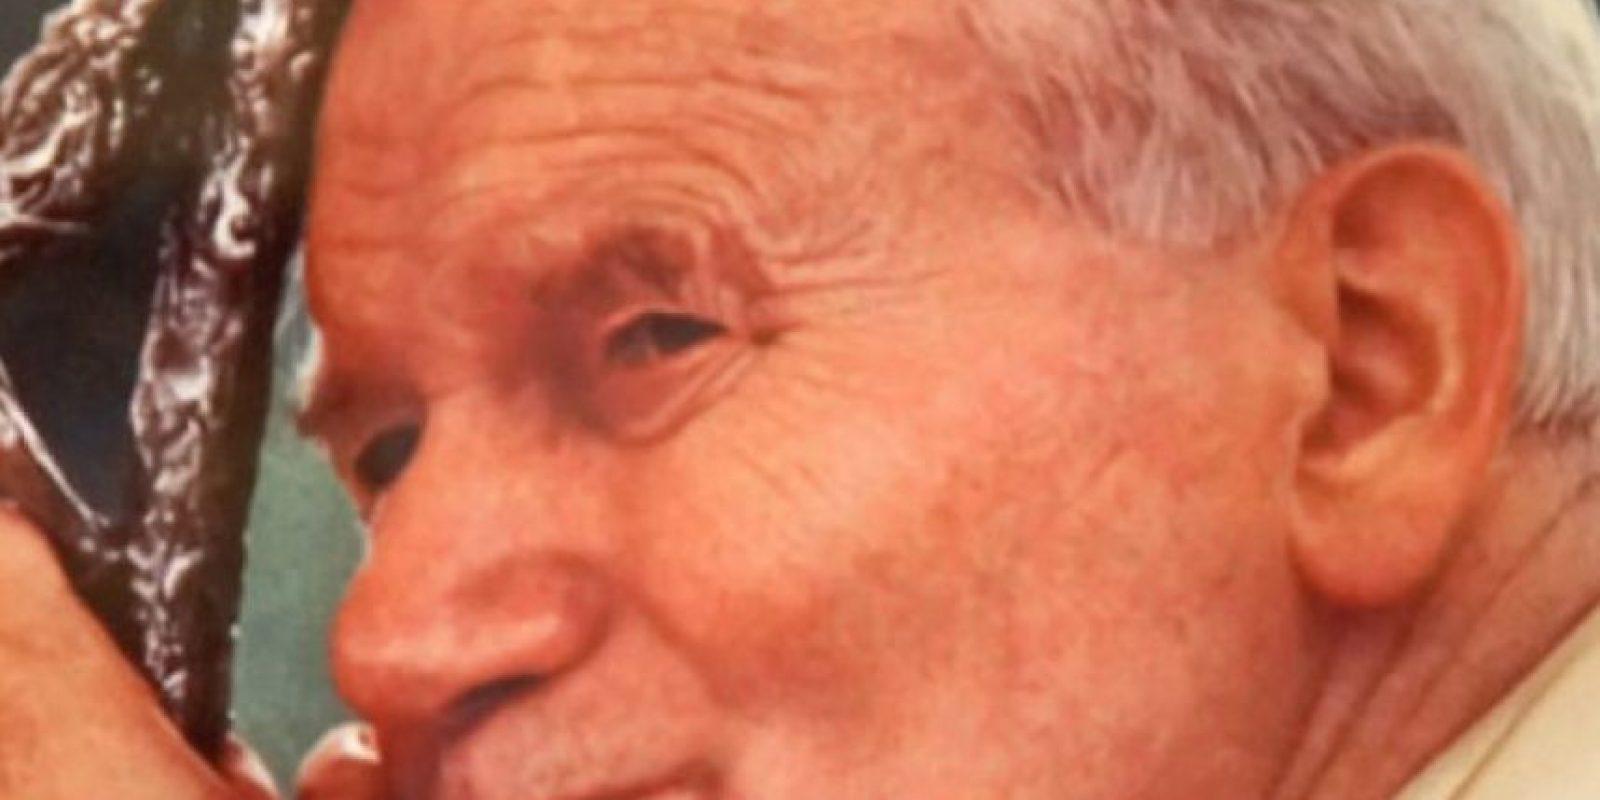 """El Papa Juan Pablo II también fue visto en el """"infierno"""", según la visión de Angélica Zambrano Mora. Ella le preguntó a Jesús por qué estaba en ese lugar y afirmó que era por haber negado que el Infierno existe y por haber preferido el dinero. Zambrano afirmó haberlo visto con serpientes que entraban y salían de su garganta. Foto:vía Getty Images"""